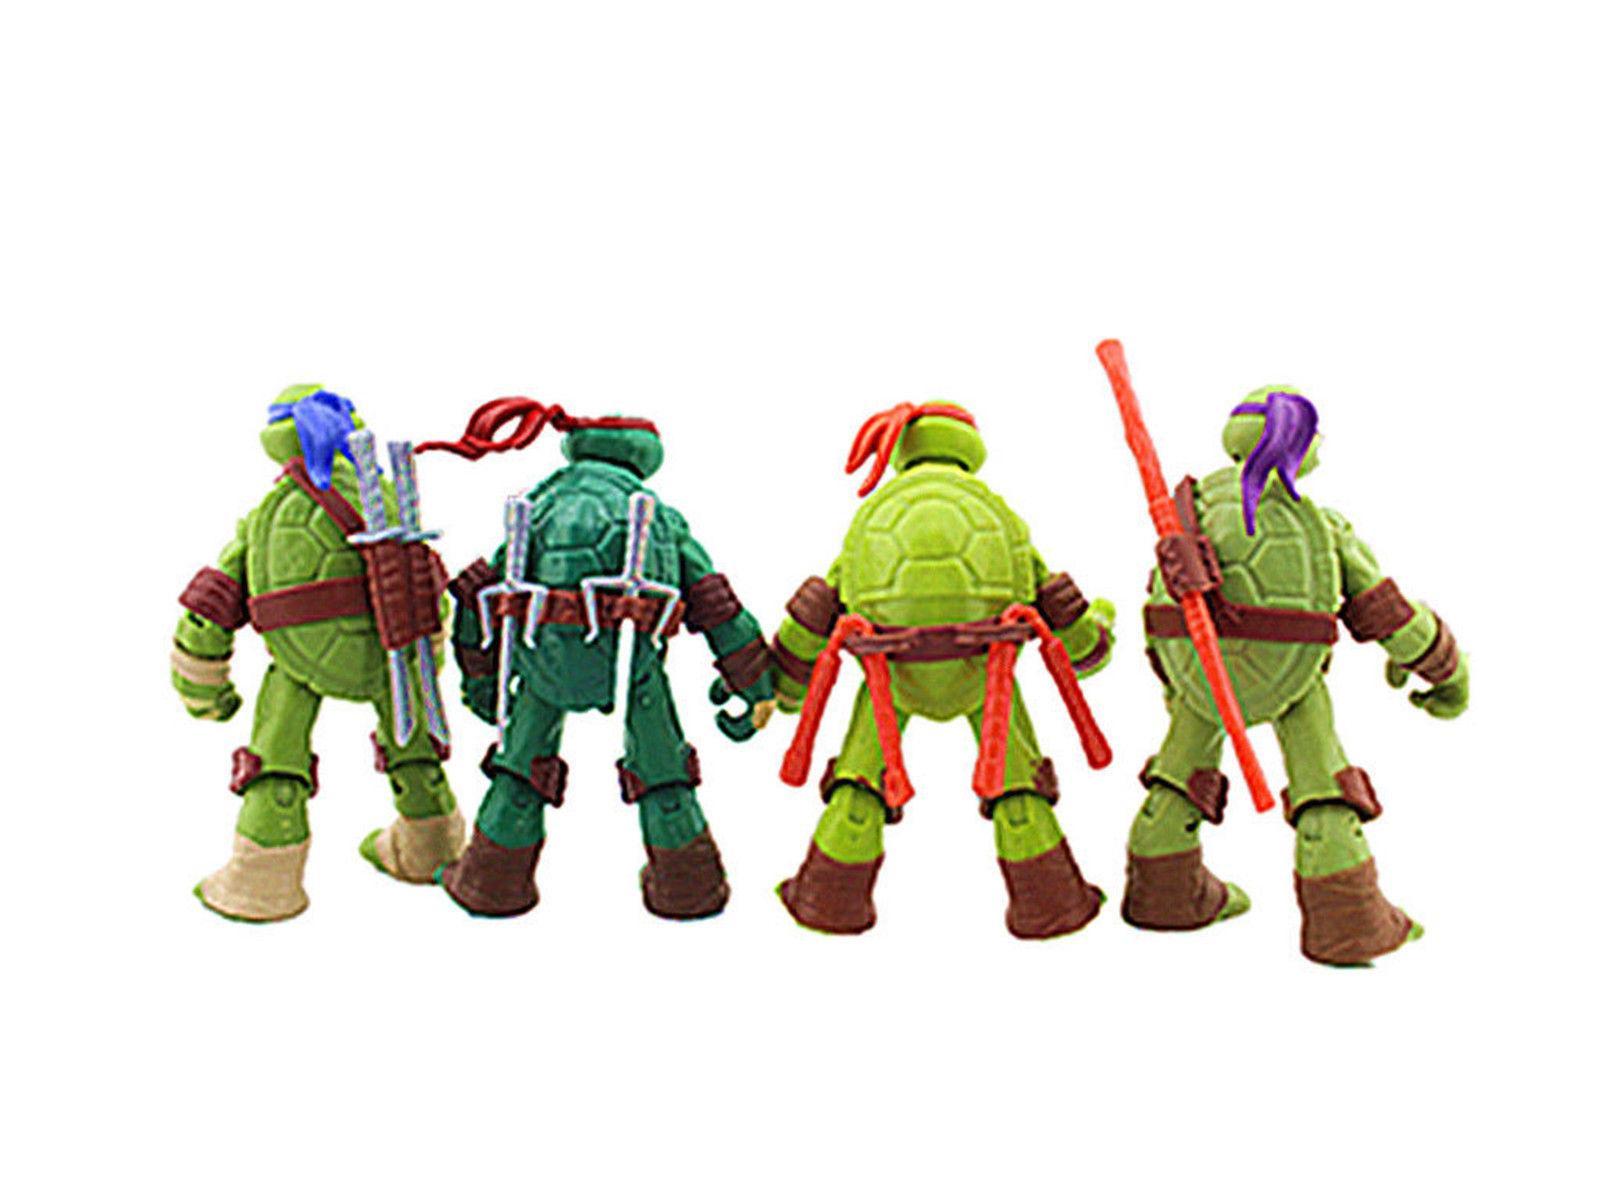 4 Teenage Mutant Ninja